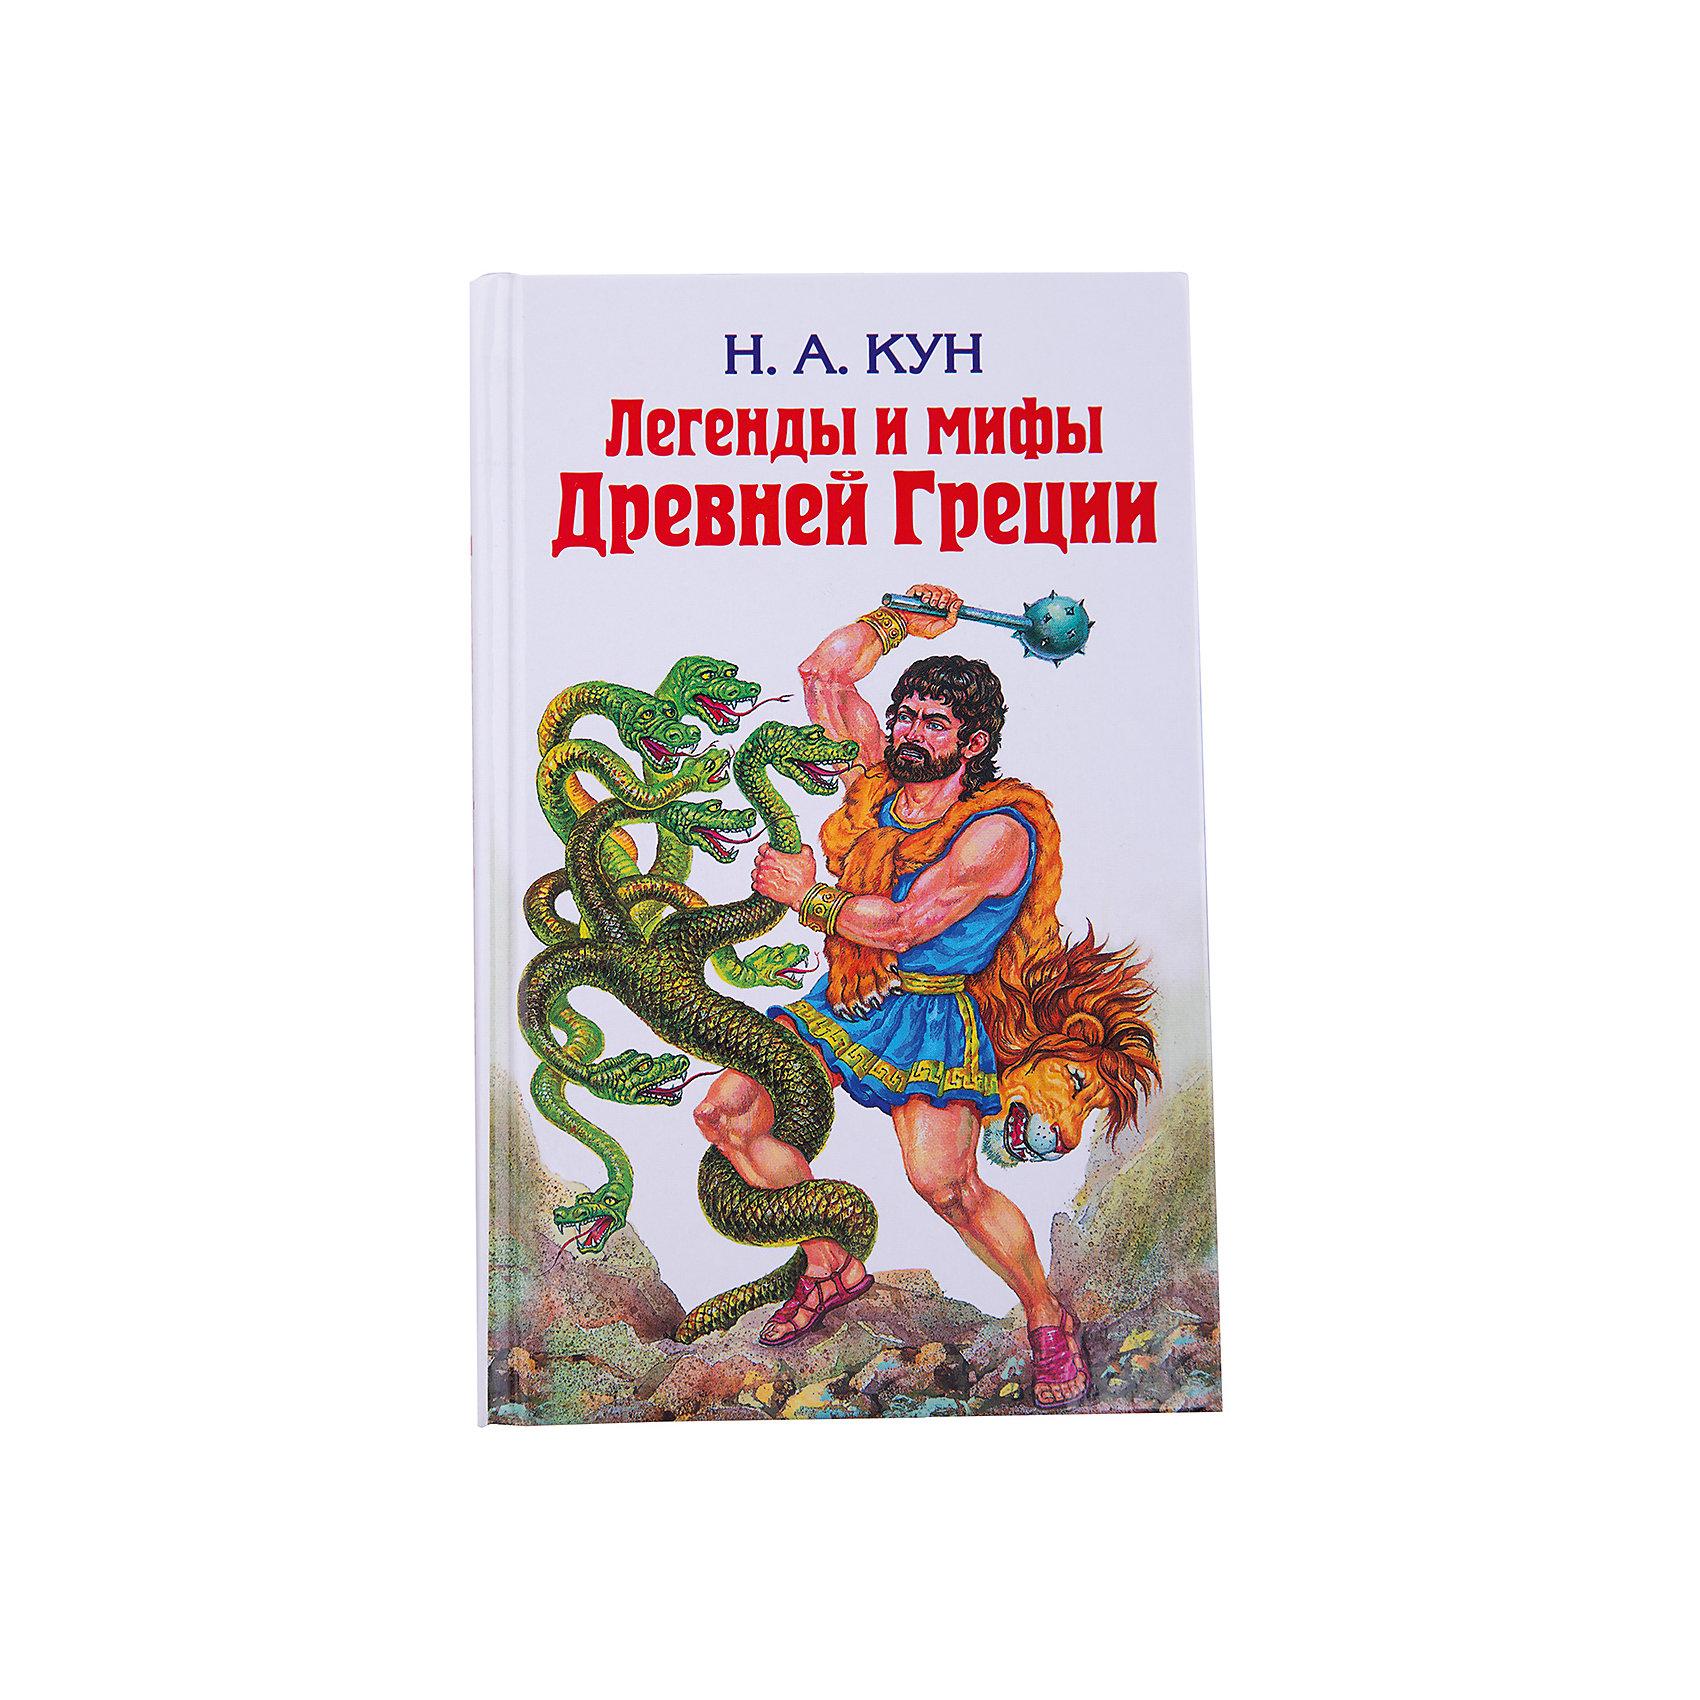 Легенды и мифы Древней ГрецииМифы<br>Эта книга являет собой систематический пересказ греческих мифов, которые объединяются под уже закрепившимся в литературе и истории названием древнегреческая мифология.<br><br>Дополнительная информация:<br>- год выпуска: 2016<br>- количество страниц:544<br>- формат: 20 * 13* 2 см.<br>- переплет: твердый переплет<br>- вес: 480 гр.<br>- возраст: от 10 лет<br><br>Книгу Легенды и мифы Древней Греции можно купить в нашем интернет - магазине.<br><br>Ширина мм: 200<br>Глубина мм: 125<br>Высота мм: 29<br>Вес г: 440<br>Возраст от месяцев: 72<br>Возраст до месяцев: 144<br>Пол: Унисекс<br>Возраст: Детский<br>SKU: 4753515